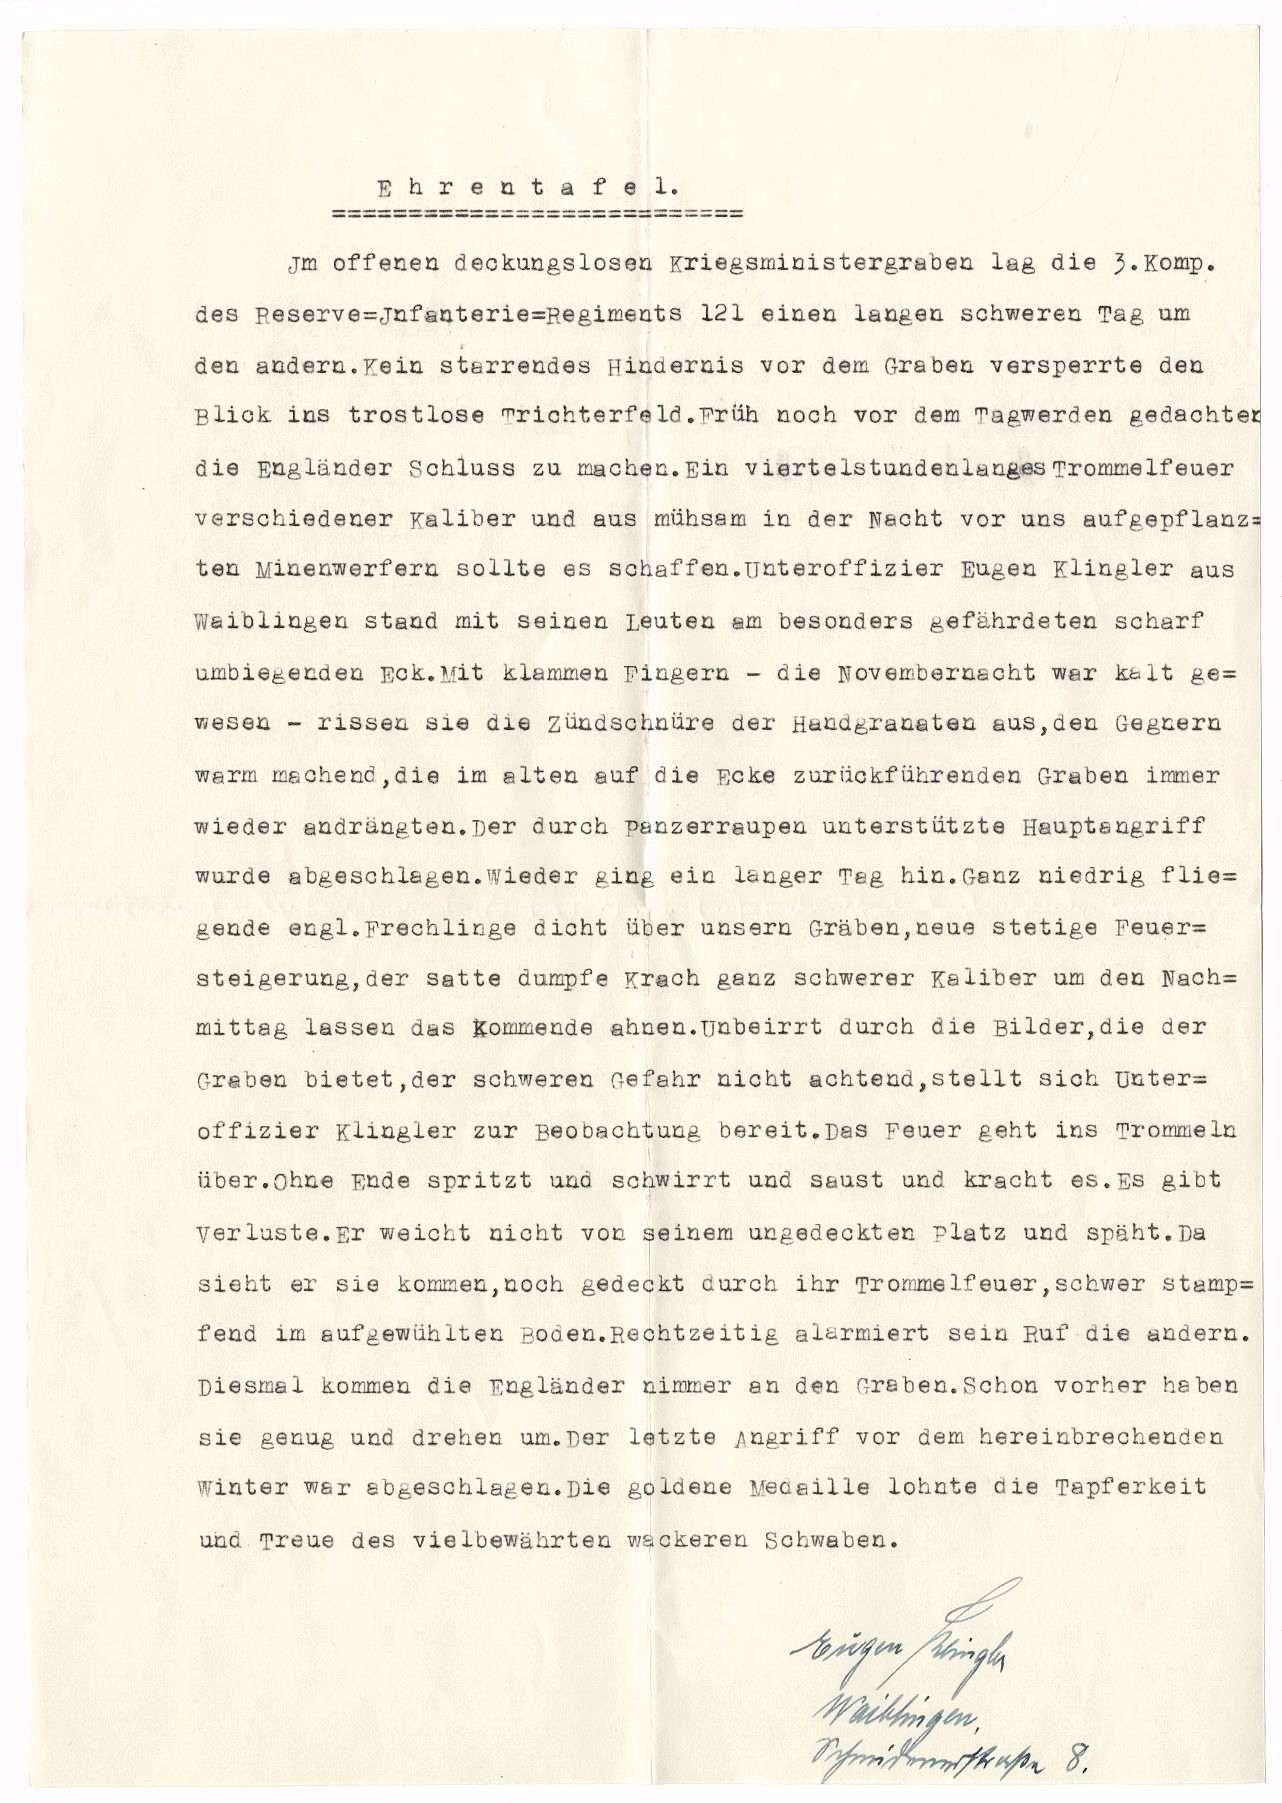 Klingler, Eugen, Bild 2